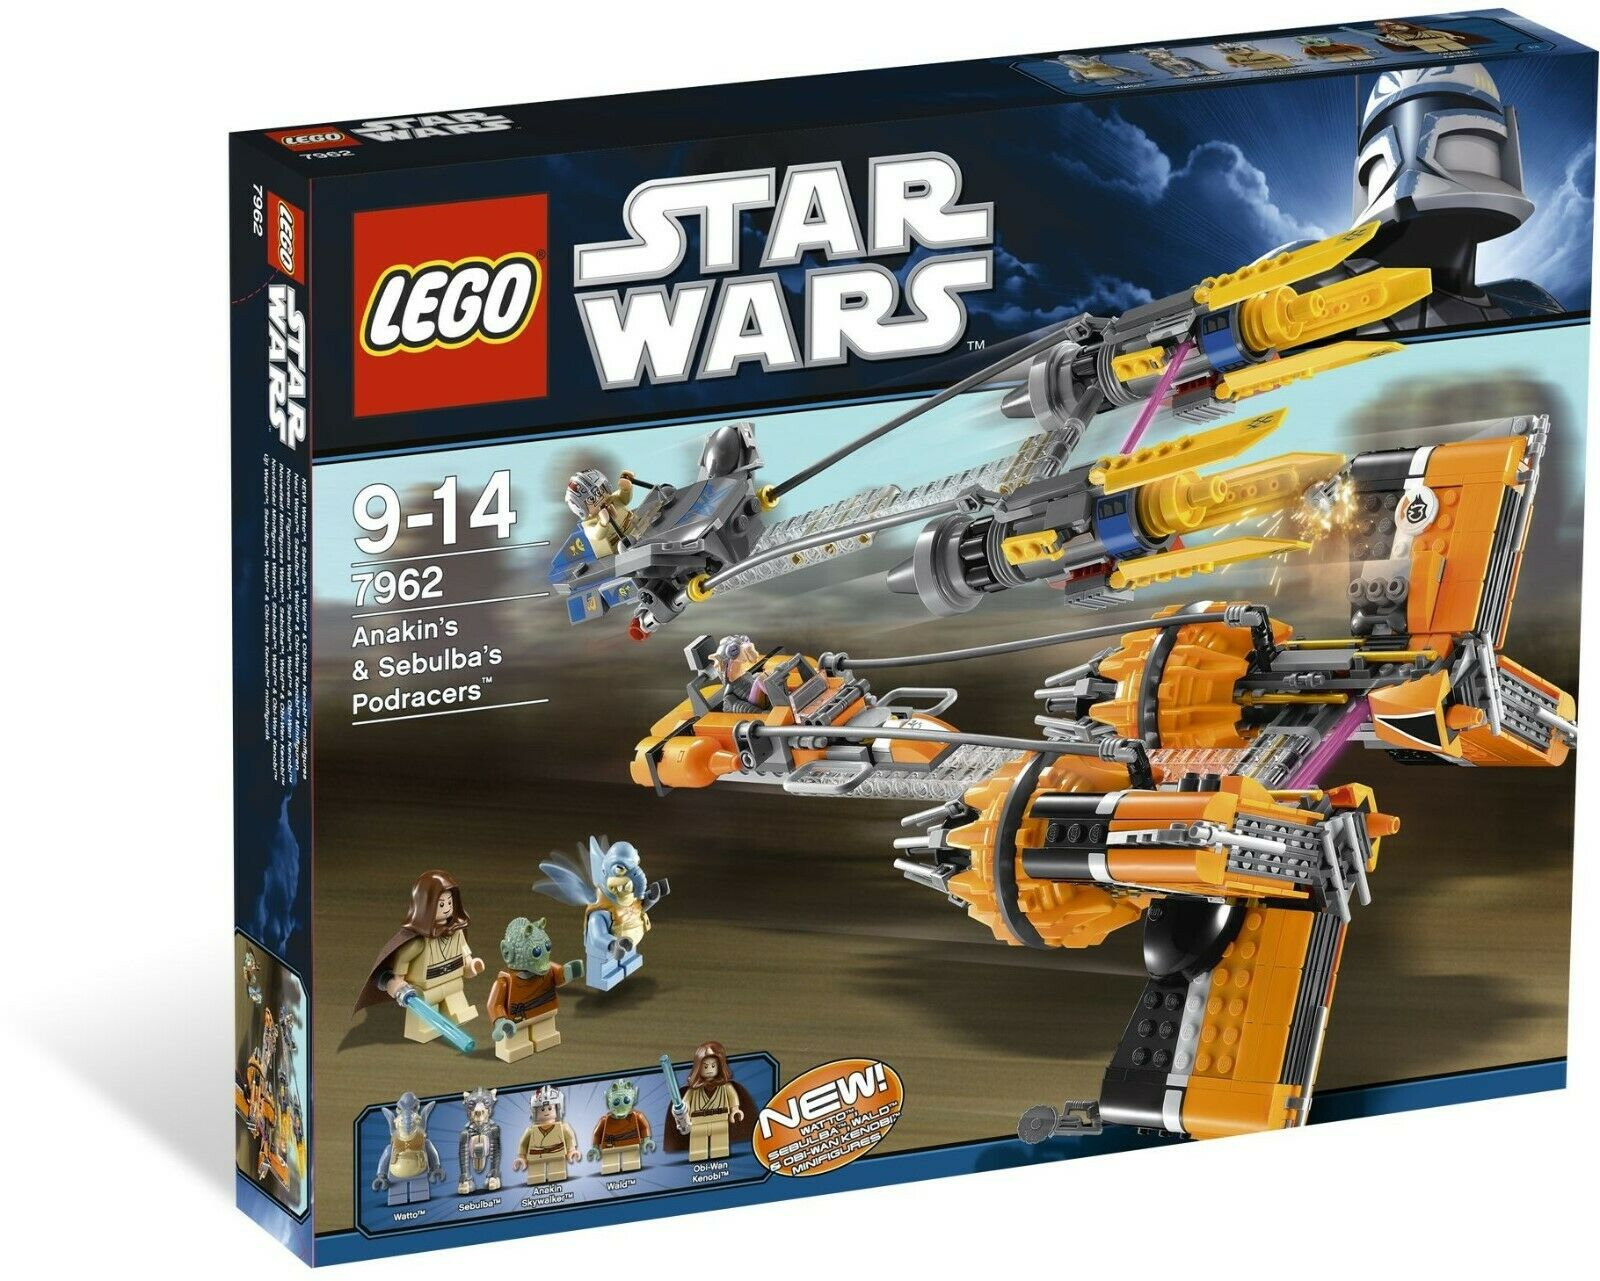 Lego Estrella Wars 7962 Anakin Skywalker Y Sebulba's Podracers -  totalmente Nuevo  Sellado